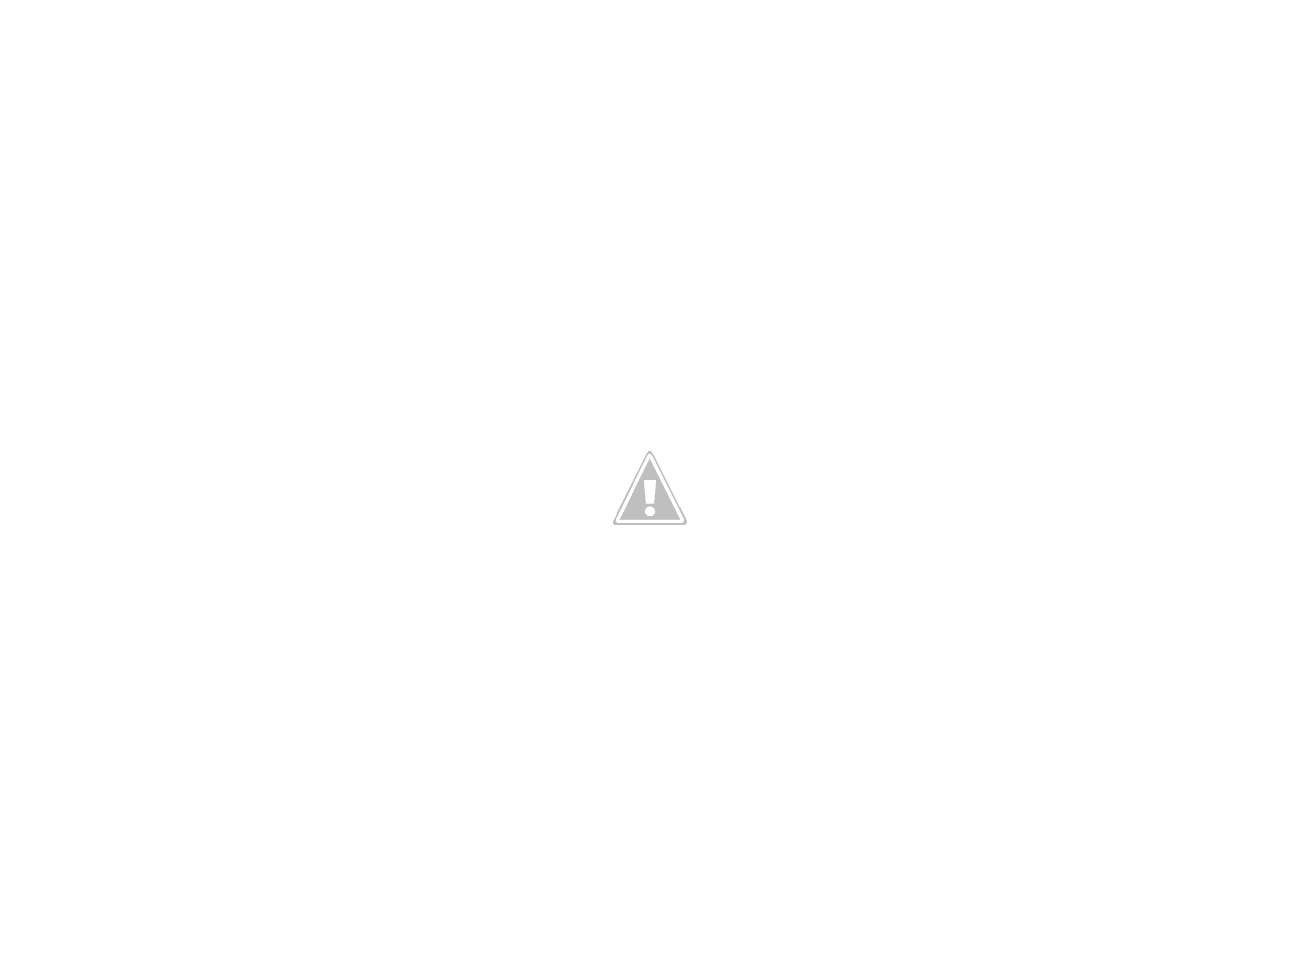 Ják - Keresztút a Szent György apátsági templom kerítésfalában